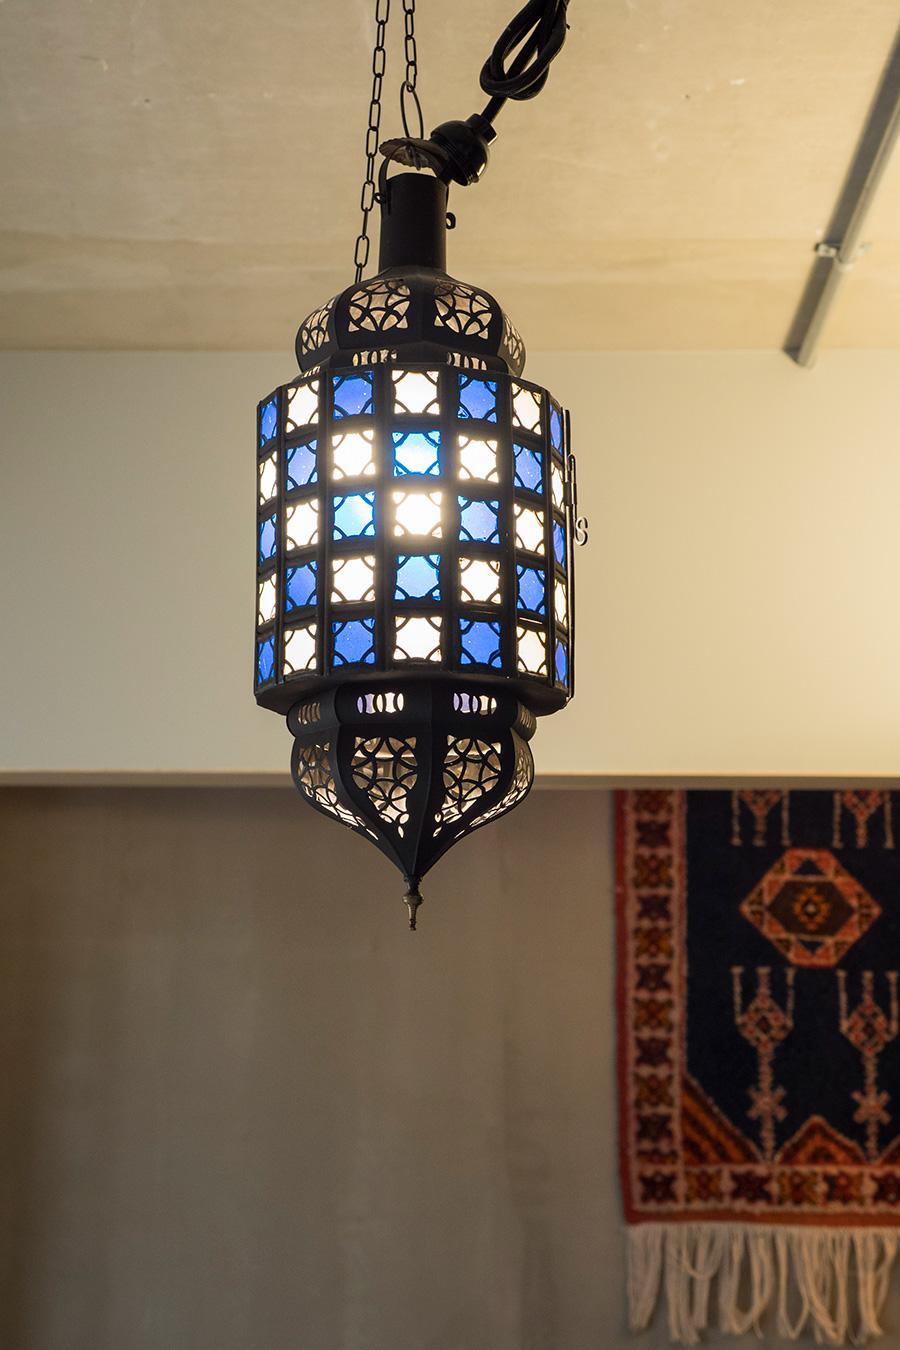 新婚旅行で訪れたモロッコで買ってきたランプをベッドルームに。